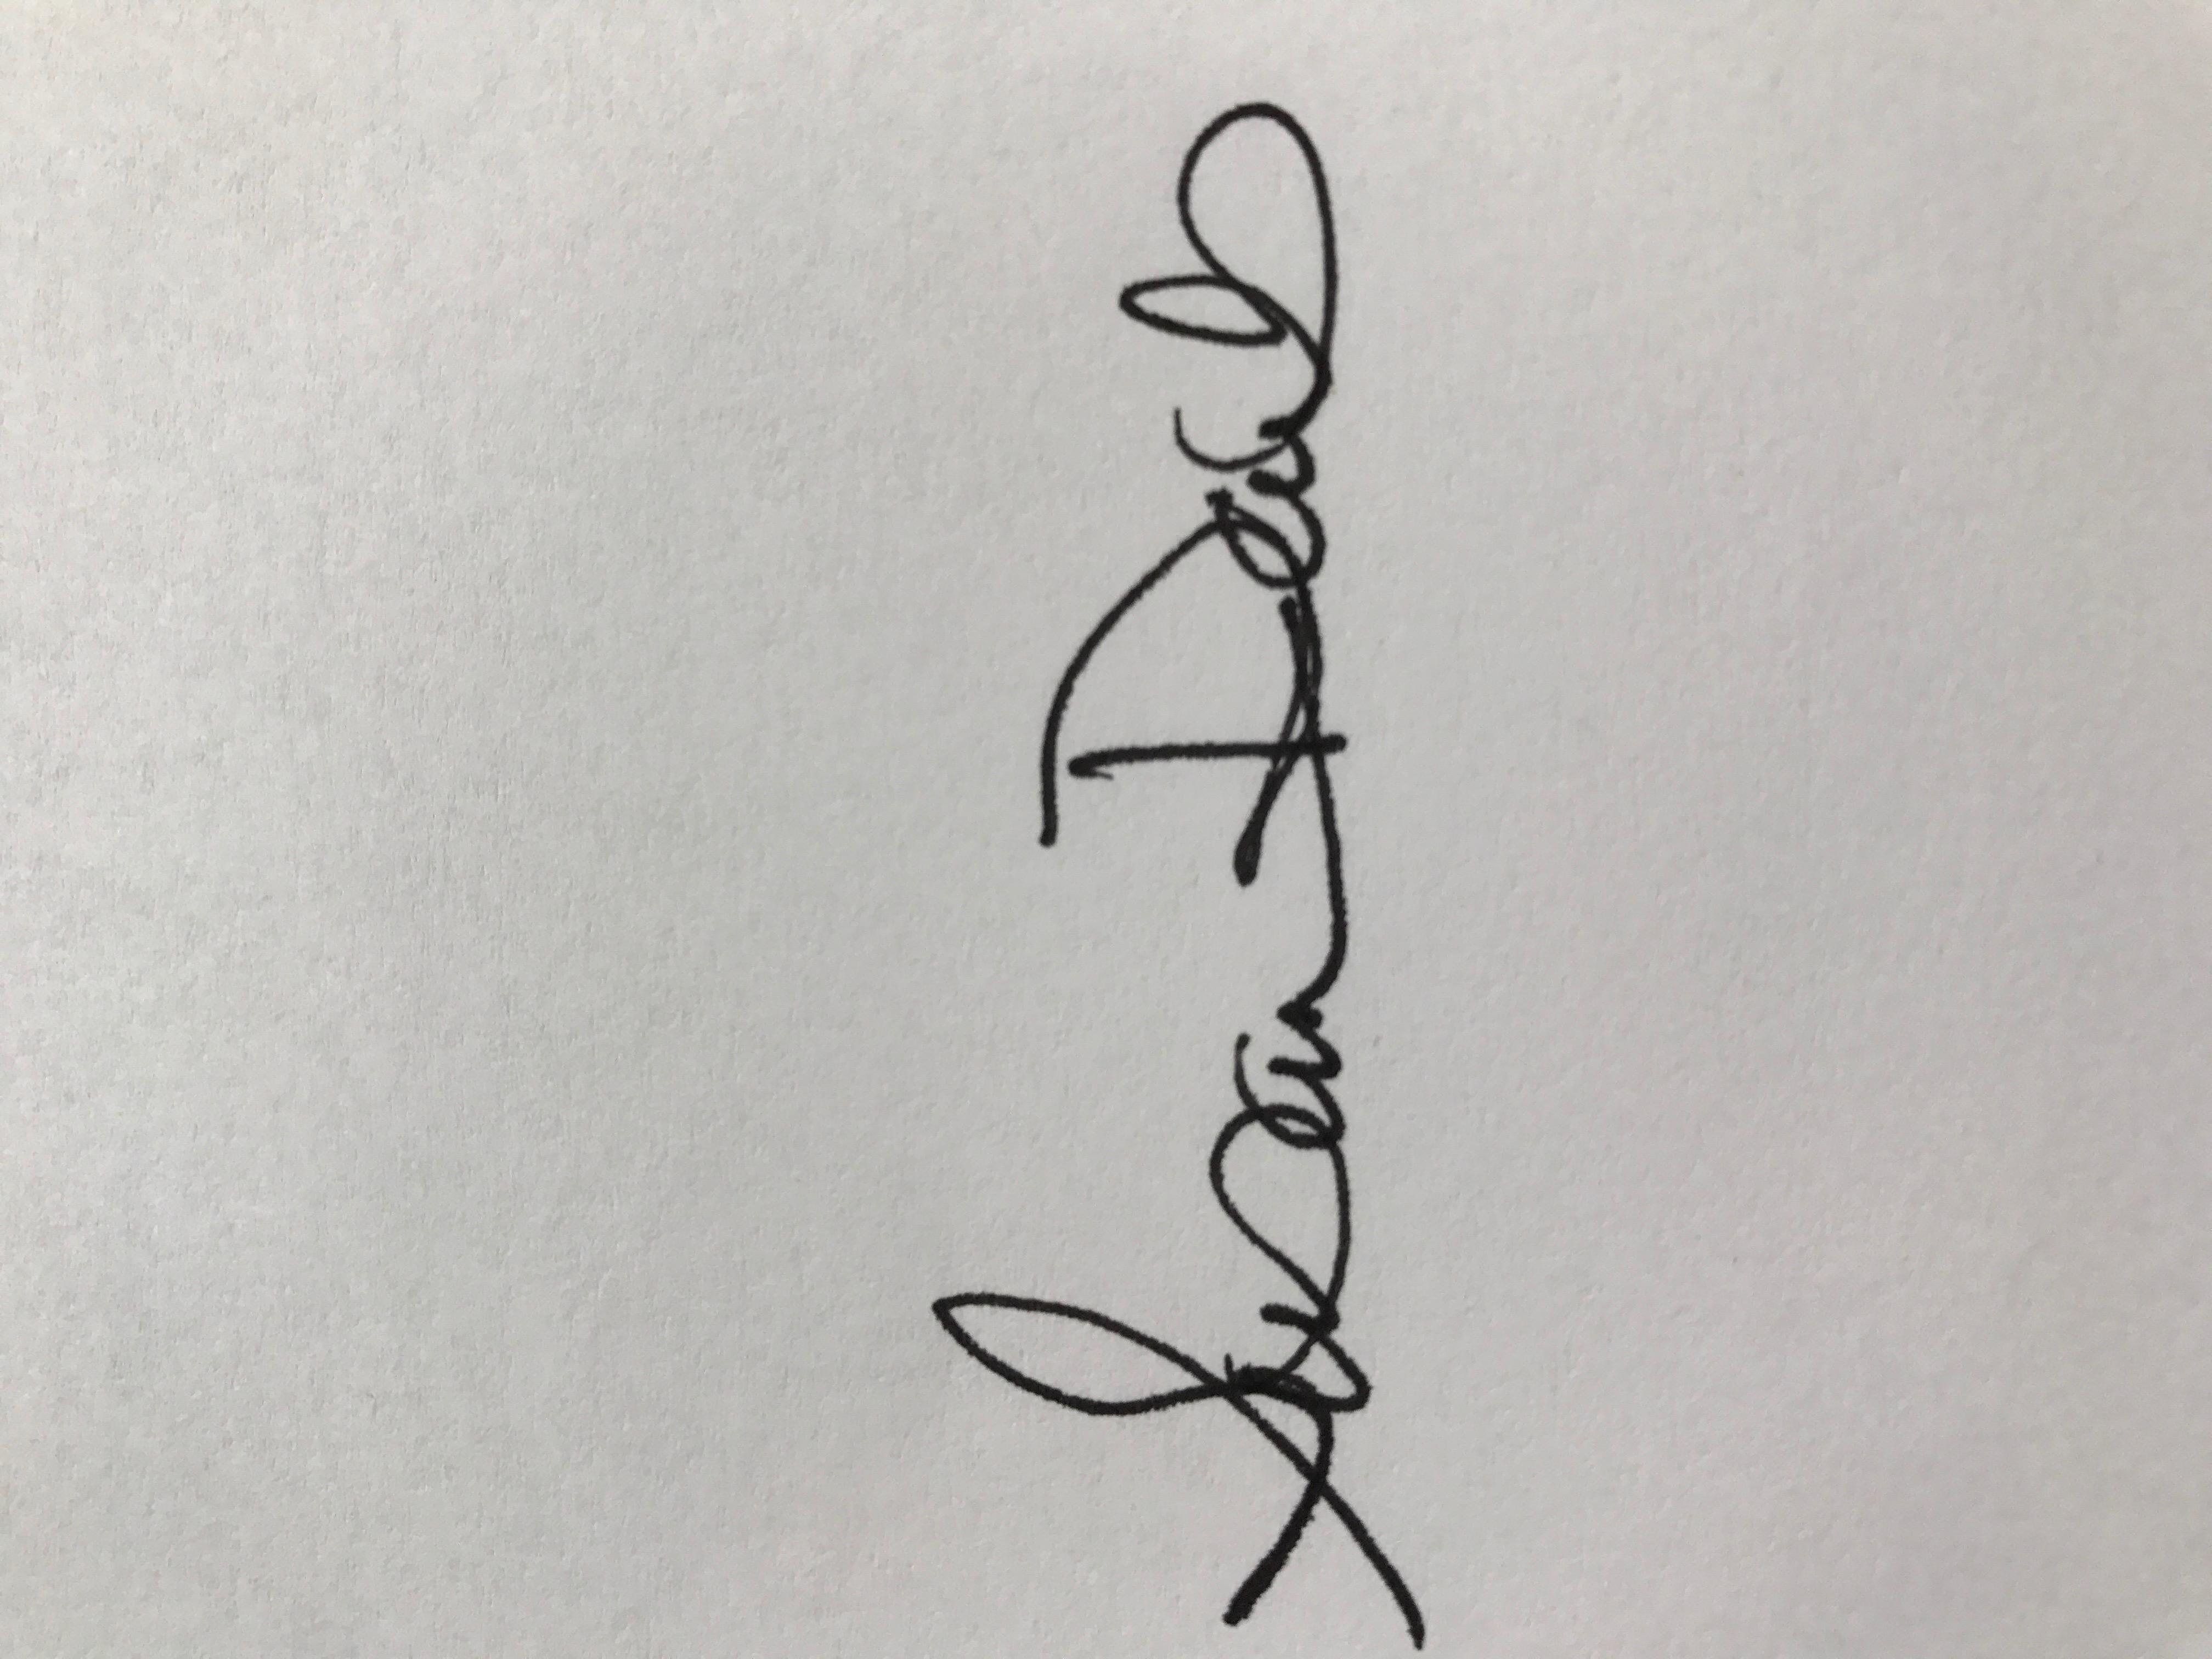 susan daub's Signature